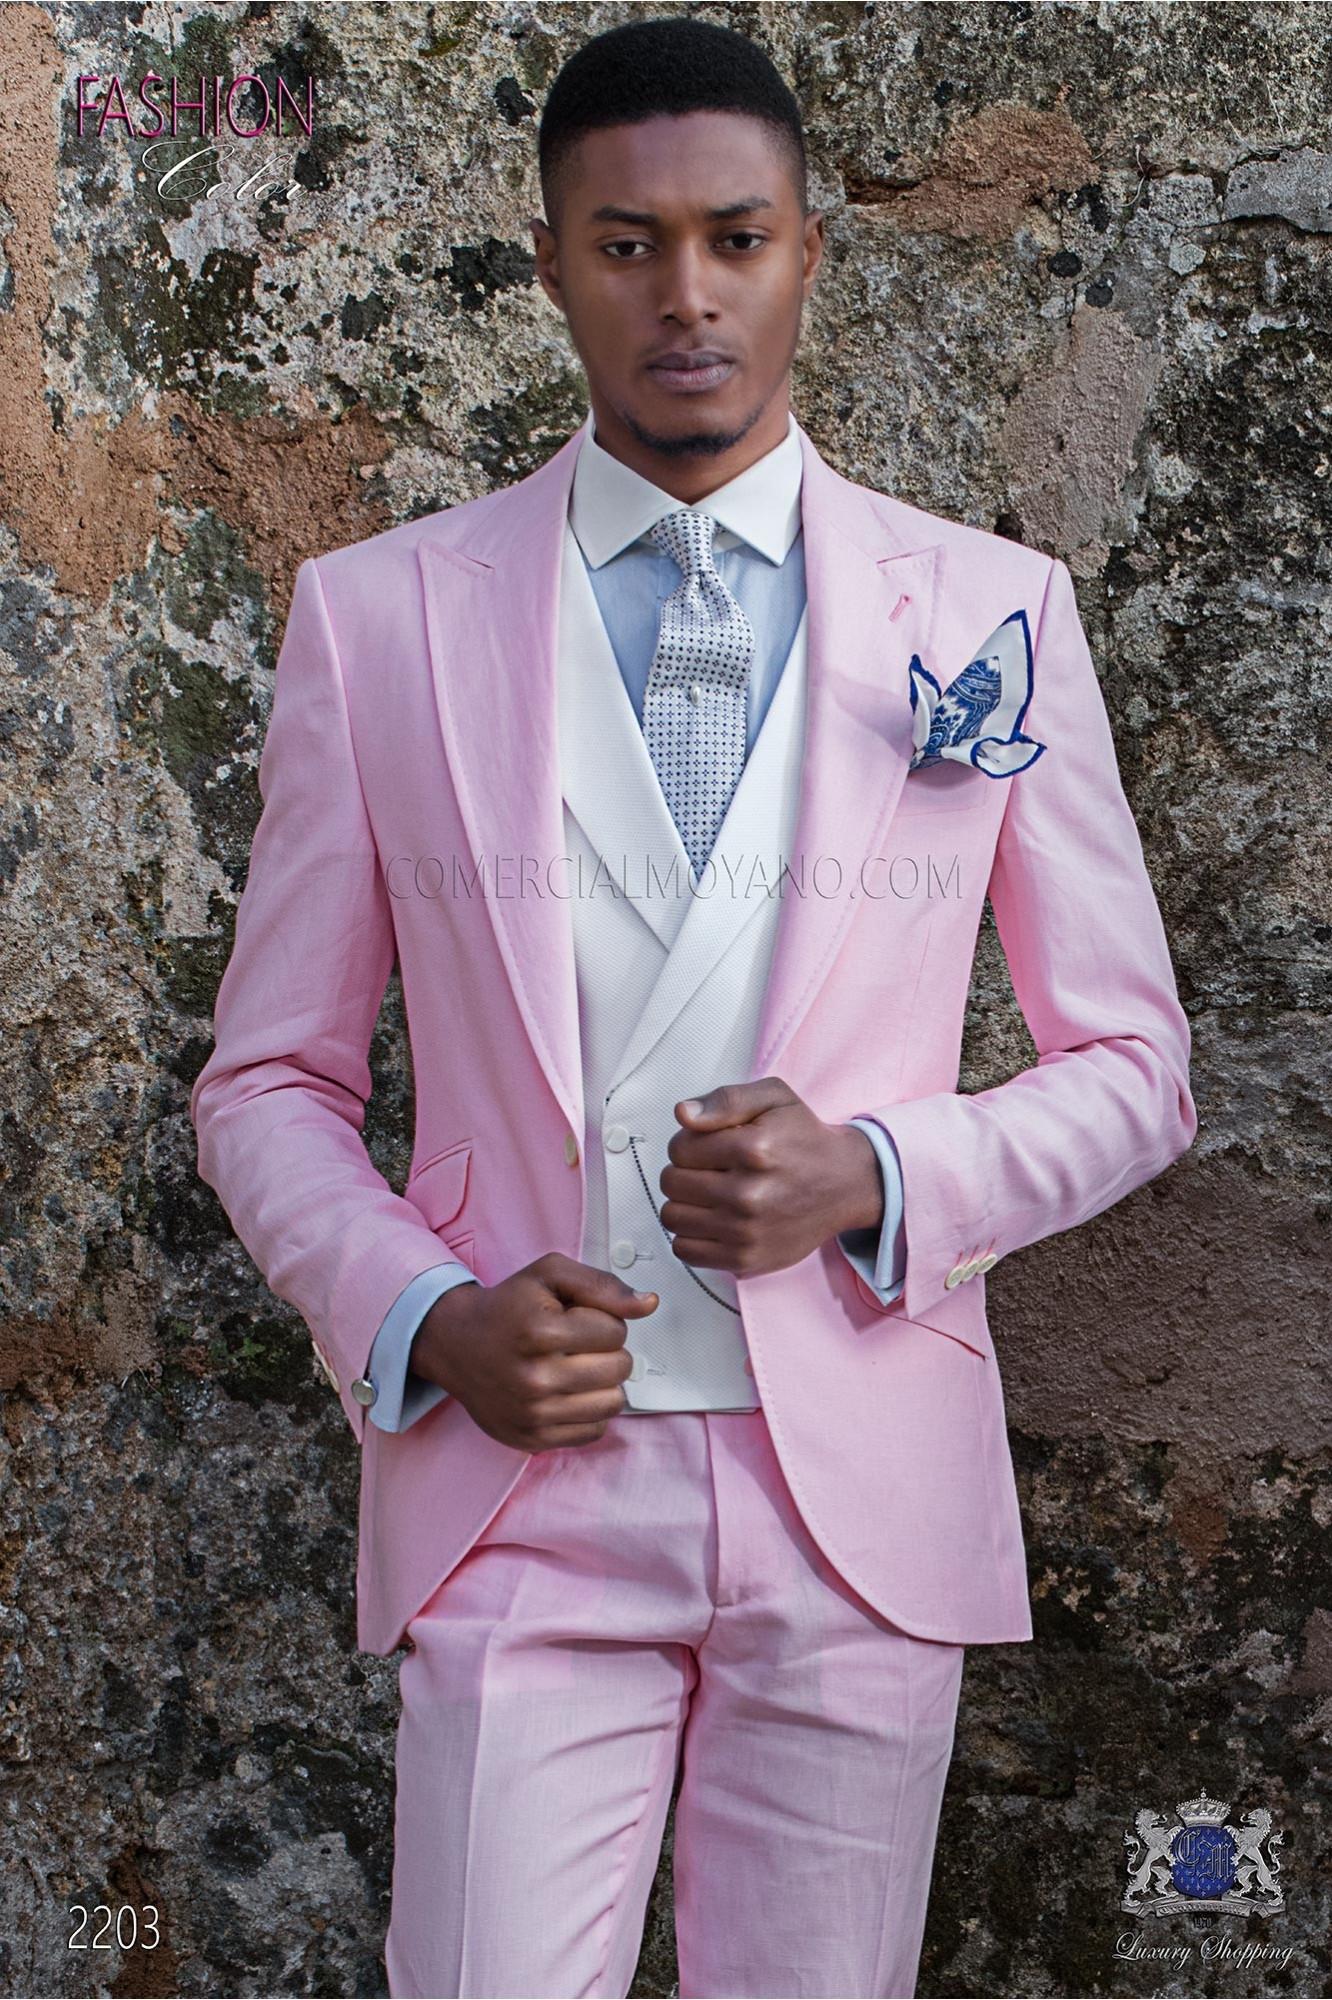 Traje italiano a medida rosa claro de lino con pespunte